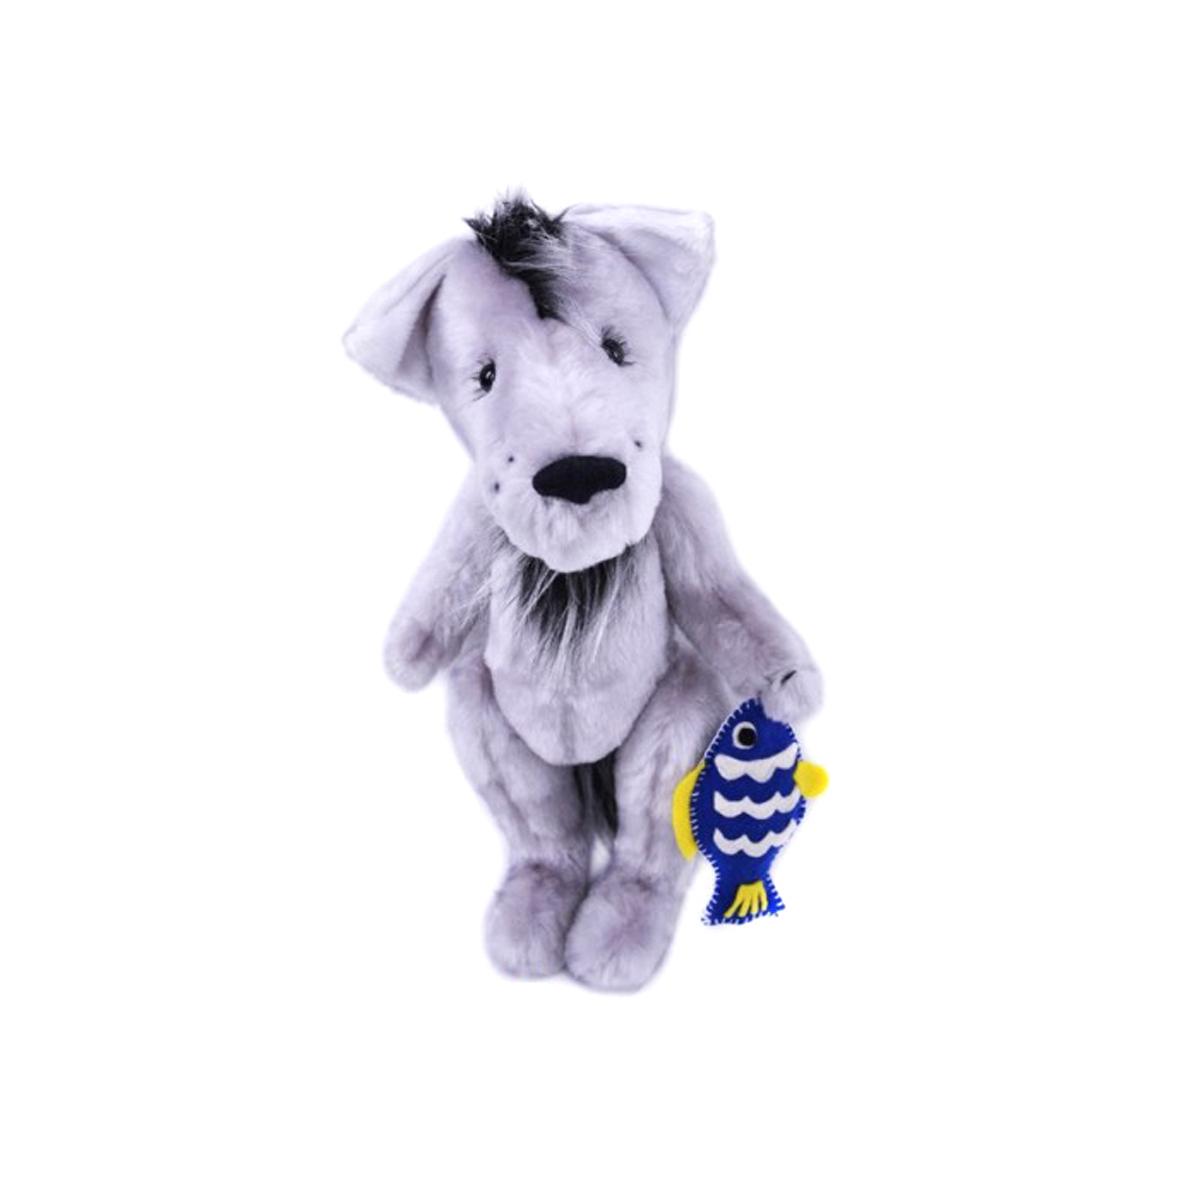 Набор для шитья игрушек Мехомания Грустный волк, 35 см. ММ-025582456Набор Мехомания содержит необходимые материалы для изготовления игрушки из меха: - материалы для шитья: мех, подвижные крепления, глазки, ресницы, шерсть для вышивки носа. Ткань, подвеска или кружево для аксессуара. - выкройка и раскладка. - подробный мастер-класс с пошаговой инструкцией по шитью игрушки. - выкройка и мастер-класс для аксессуаров. Дополнительно потребуется: наполнитель, нитки, иголка.